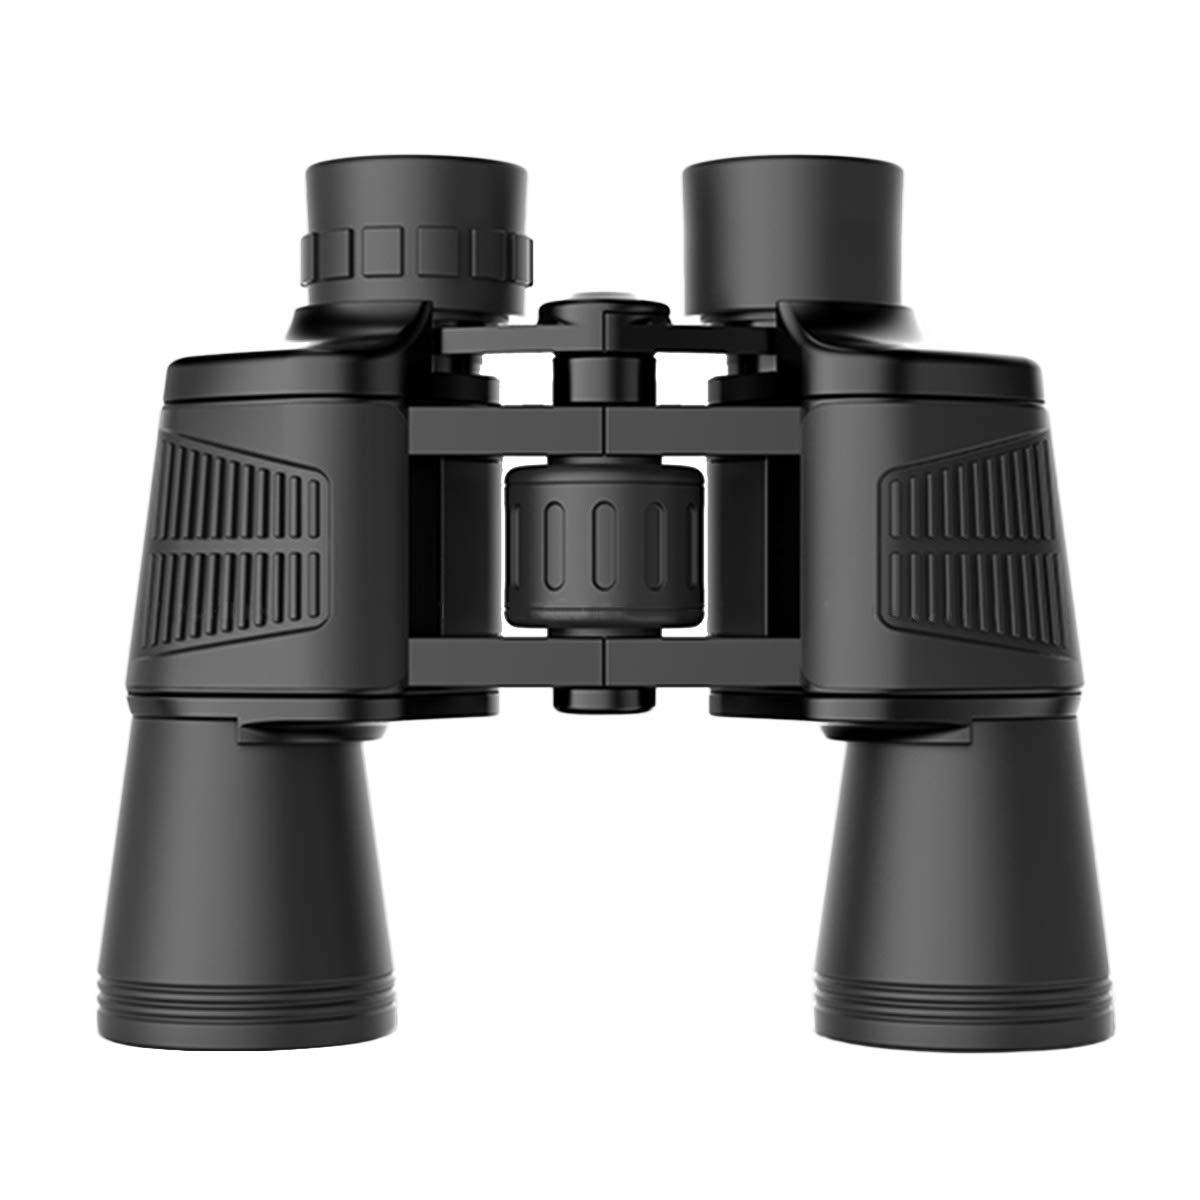 DWUN[11 Binoculares 20X50 Telescopio HD de Nivel Alta Potencia Nivel de bajo de luz Visión Nocturna Espejo metálico Espejo Ocular Grande Prismáticos para Viajes de autoconducción al Aire Libre d1d0c1